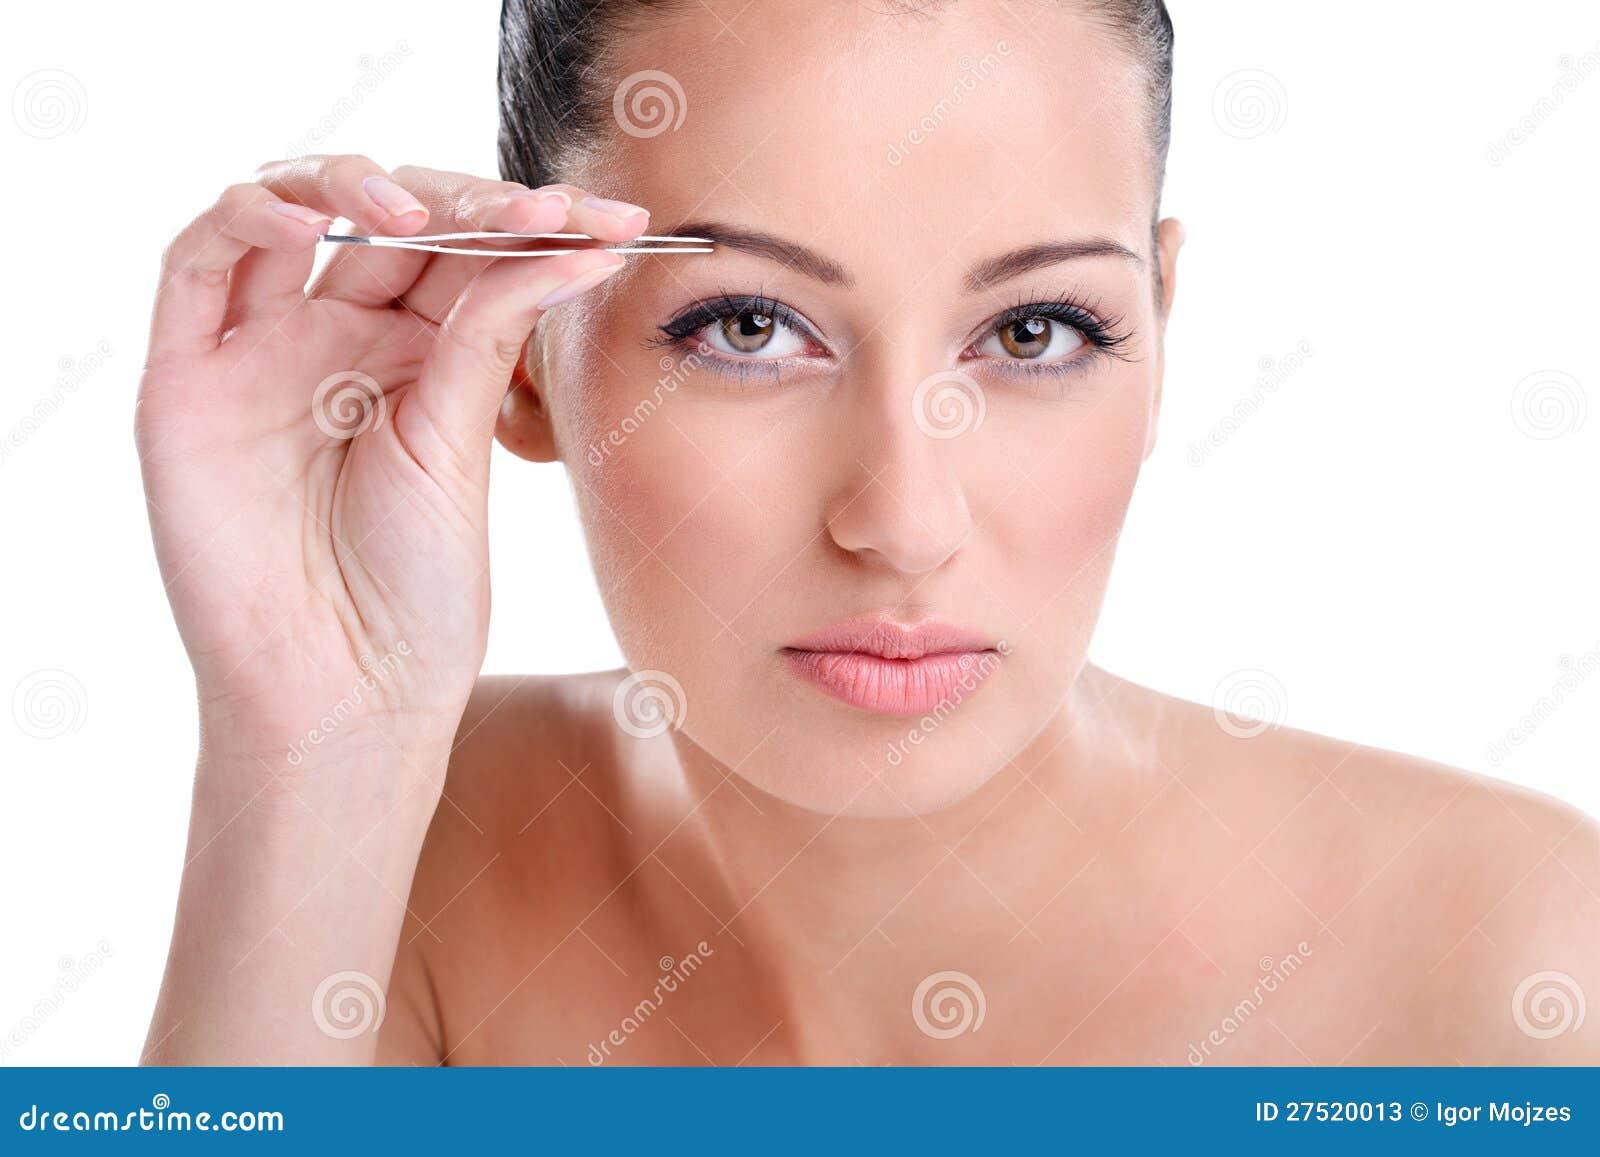 Как подкорректировать уже сделанные брови